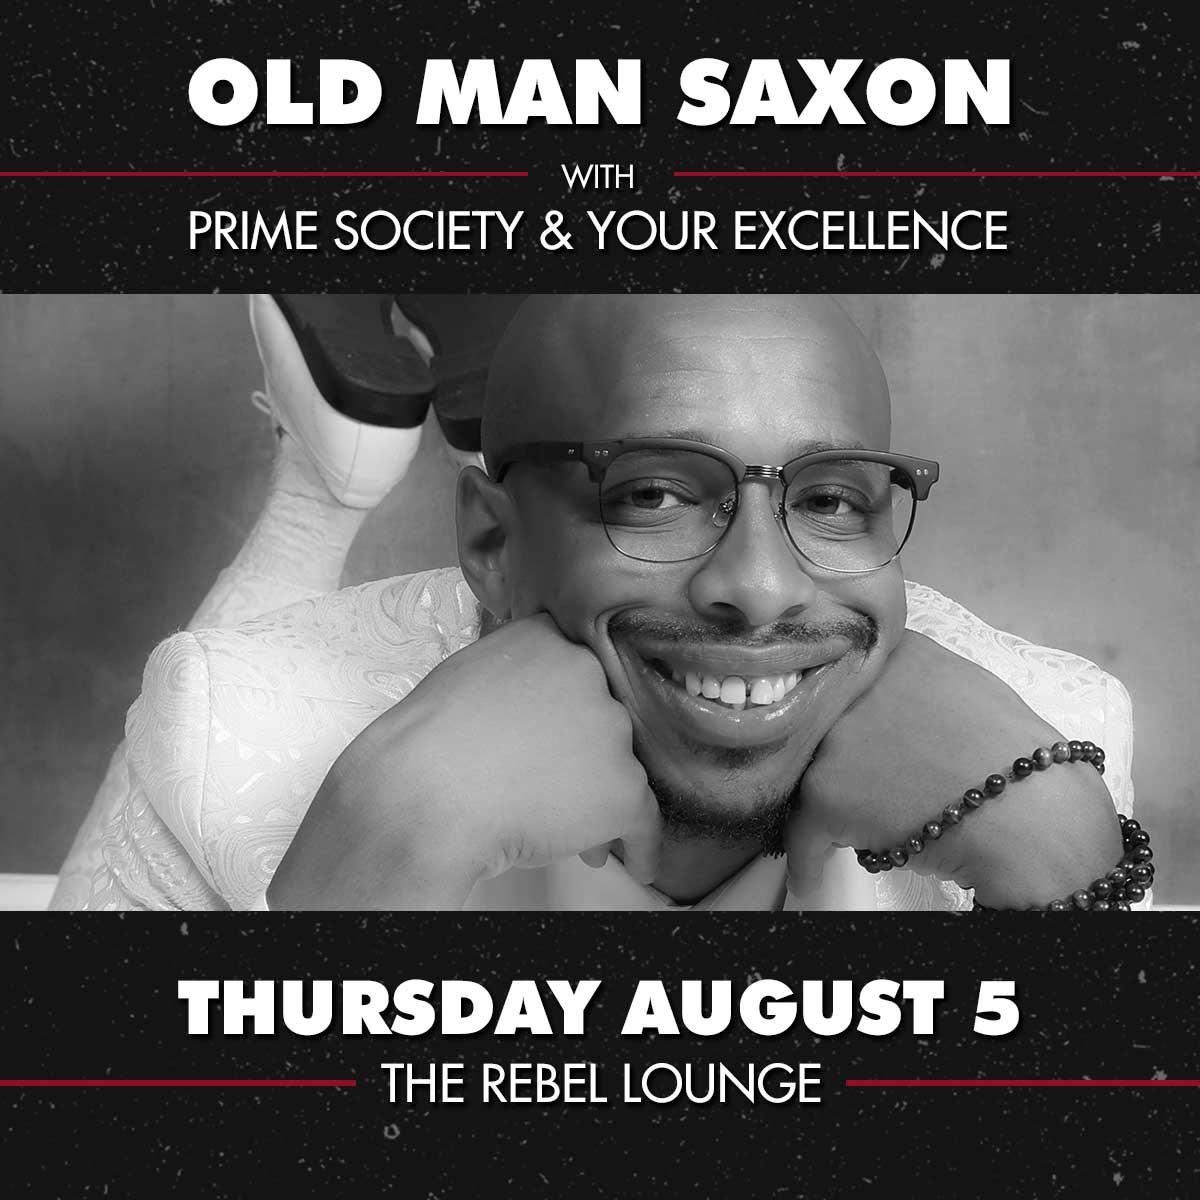 OLD MAN SAXON: